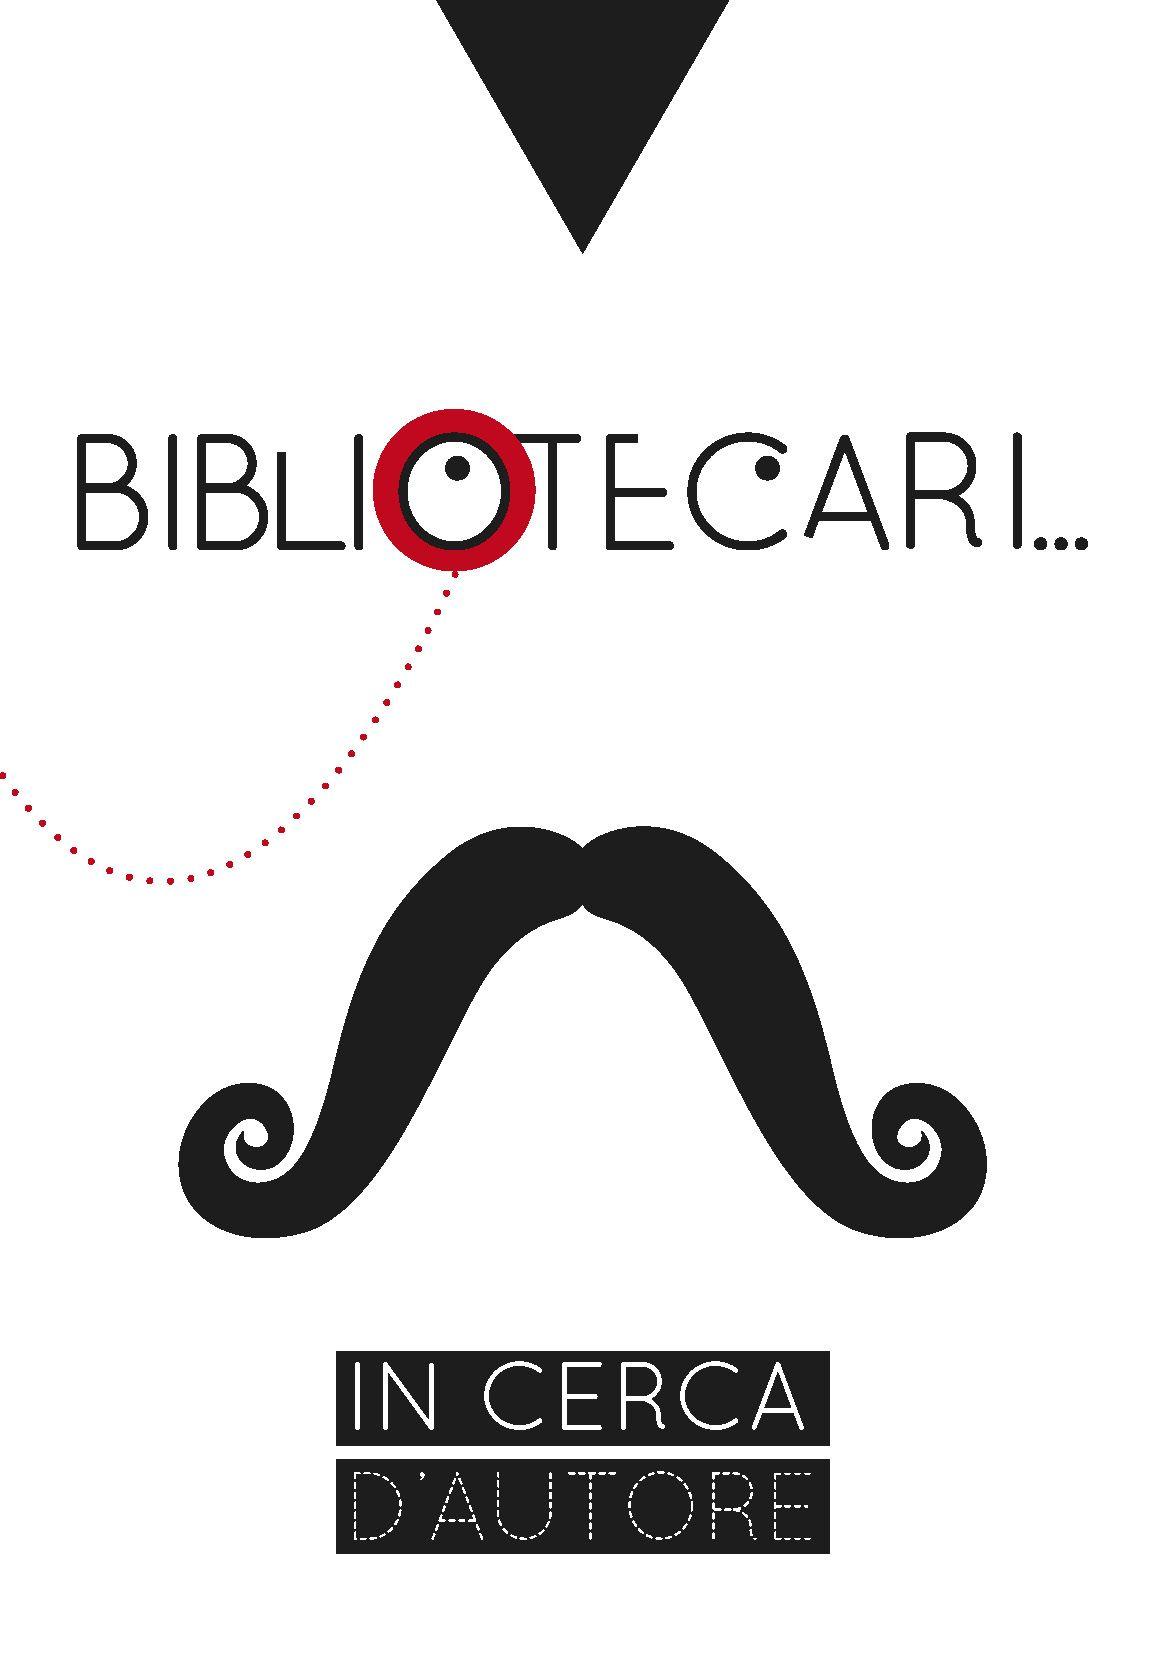 Bibliotecario in cerca d'autore